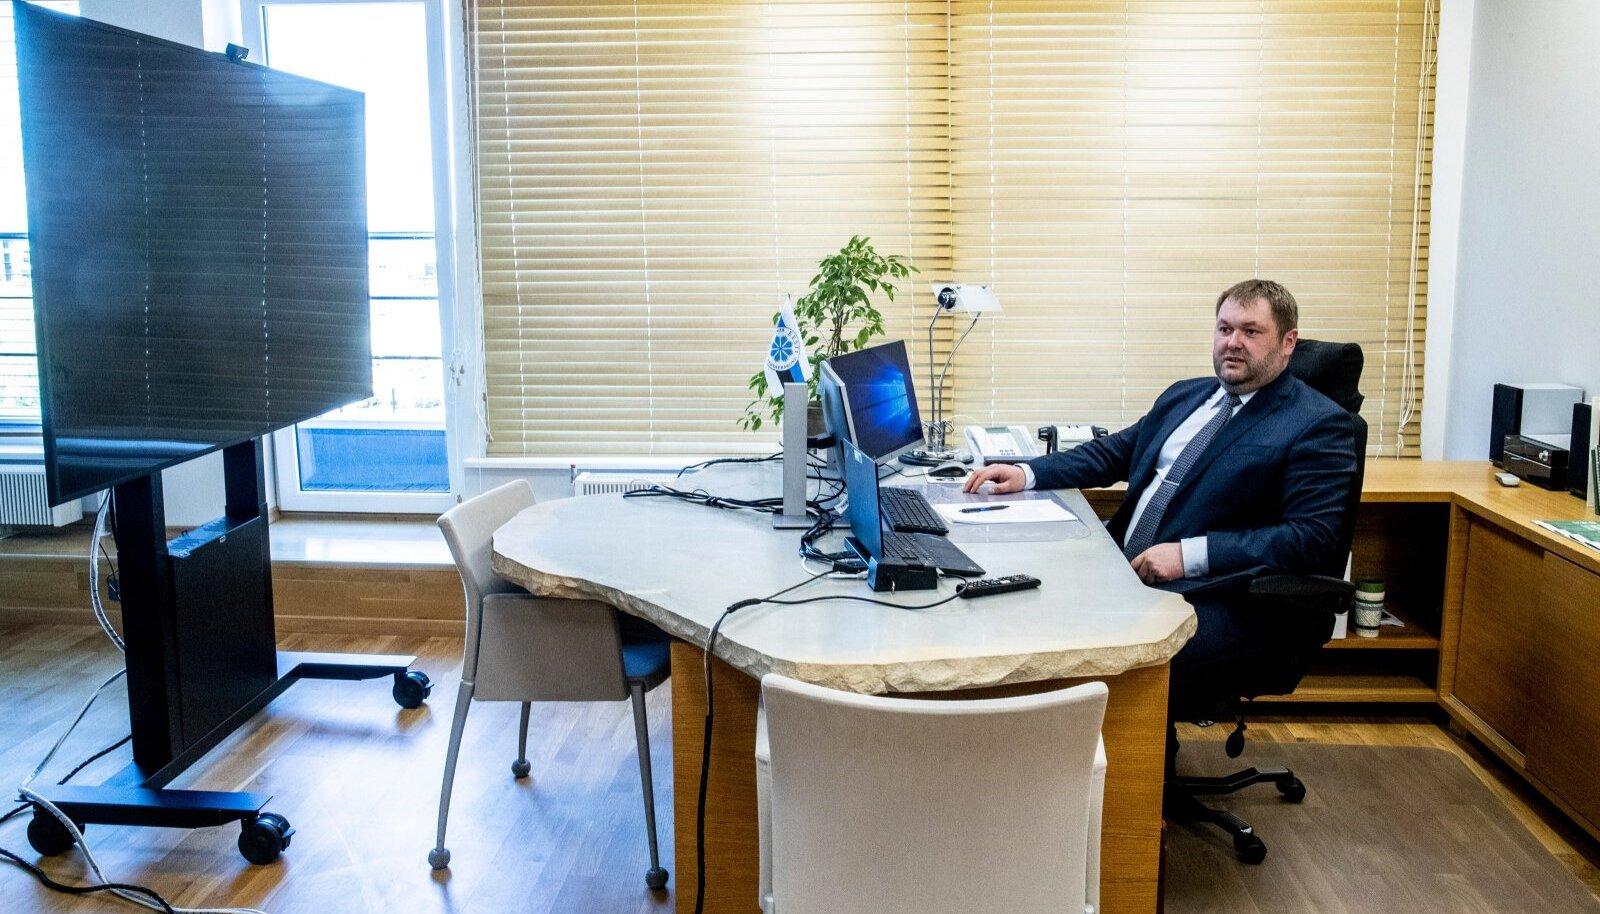 Keskkonnaminister Rene Kokk ütleb, et ka Euroopa Liidu tasandil tuleks vaadata, kas on ikka vaja nii paljudele kohtumistele kohale sõita. Paljud kohtumised võiksid toimuda interneti vahendusel. Nii saaks ka kokku hoida.